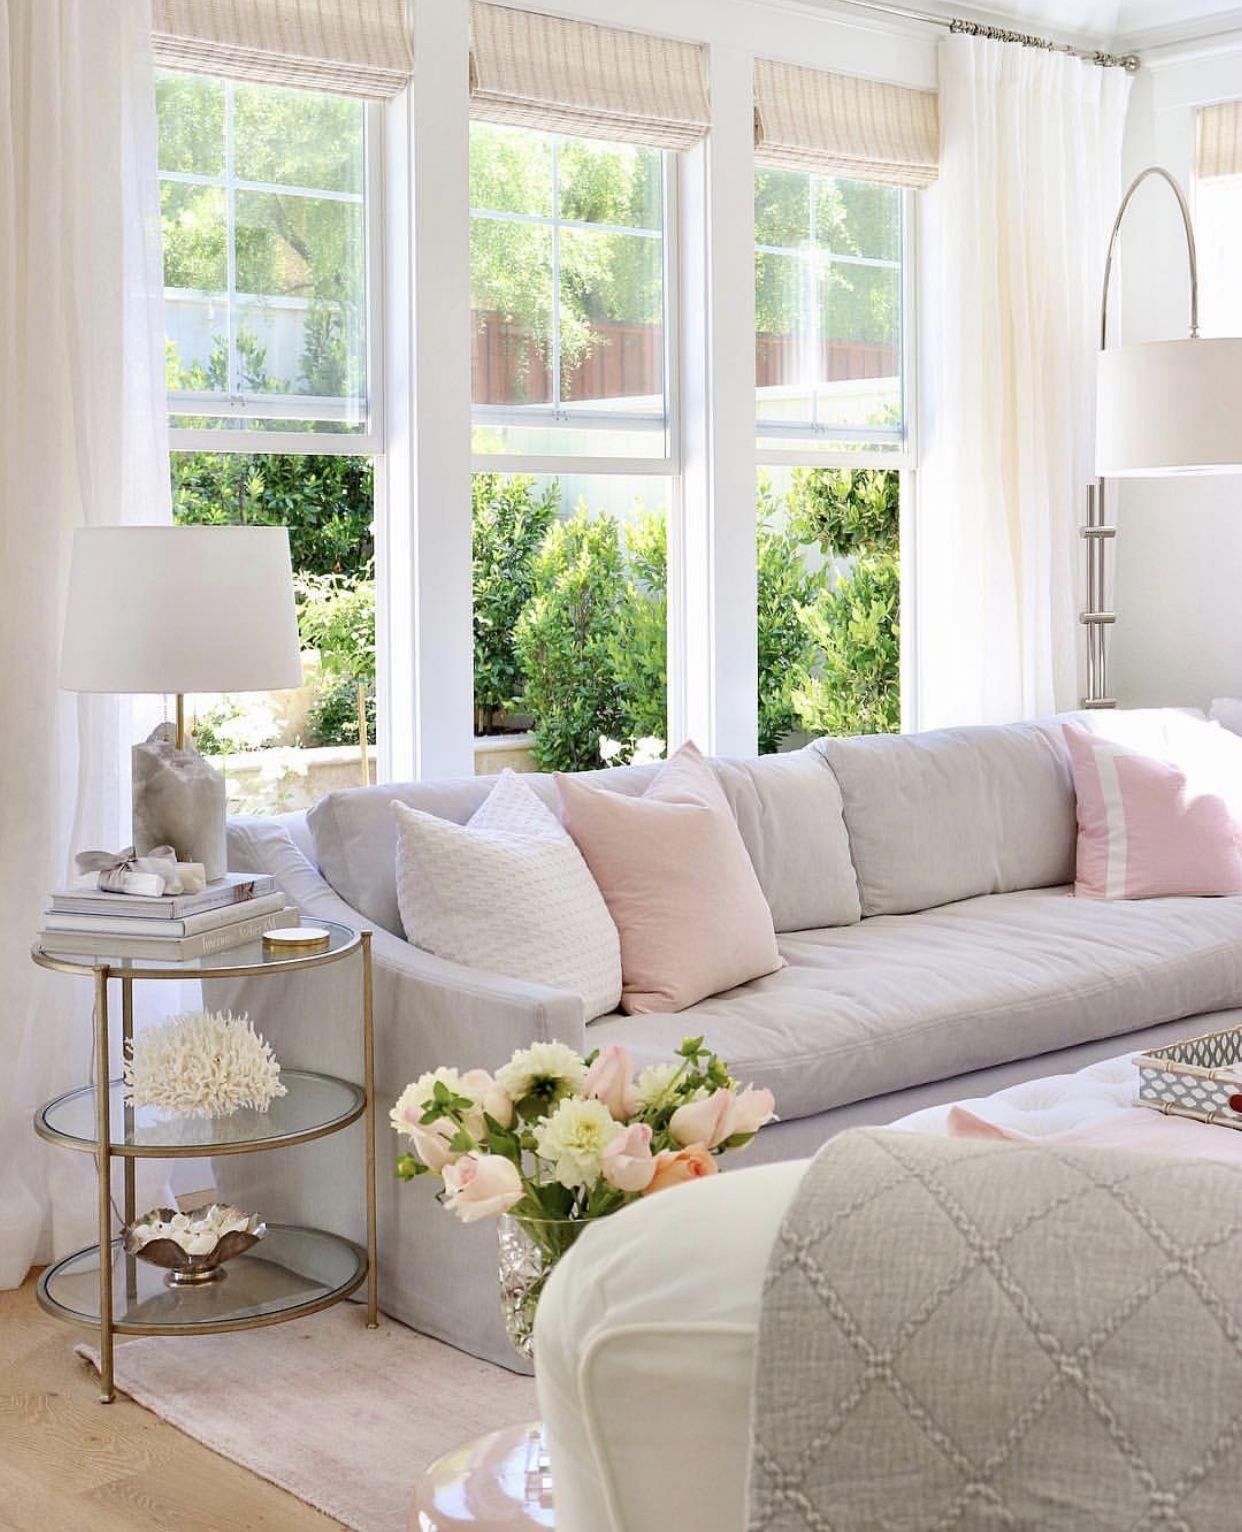 Love This Living Room So Feminine And Classy Livingroom Elegant Homedecor Interiordesign Classy Living Room Shabby Chic Living Room Feminine Living Room #shabby #chic #living #room #decor